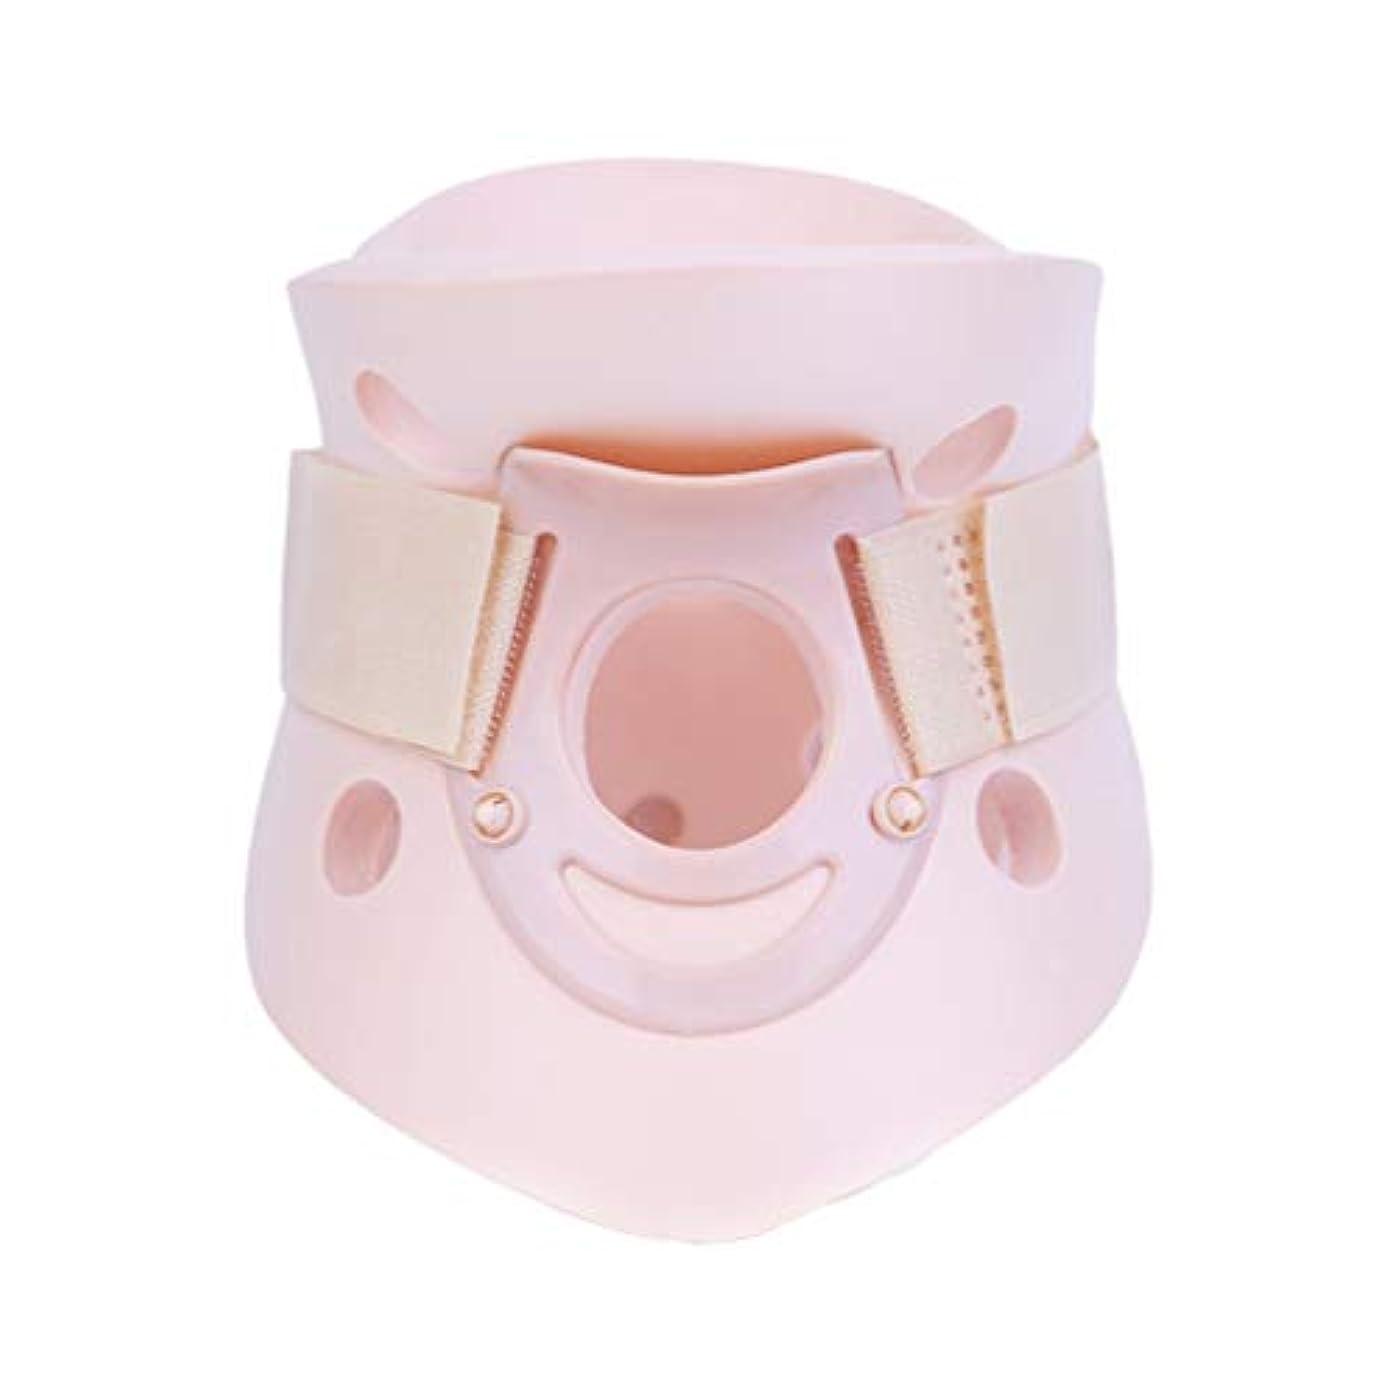 神秘スペース浴室HEALLILY 首装具サポート頸部襟硬い首の痛みの軽減脊椎の首の健康管理首の痛みの軽減-サイズm